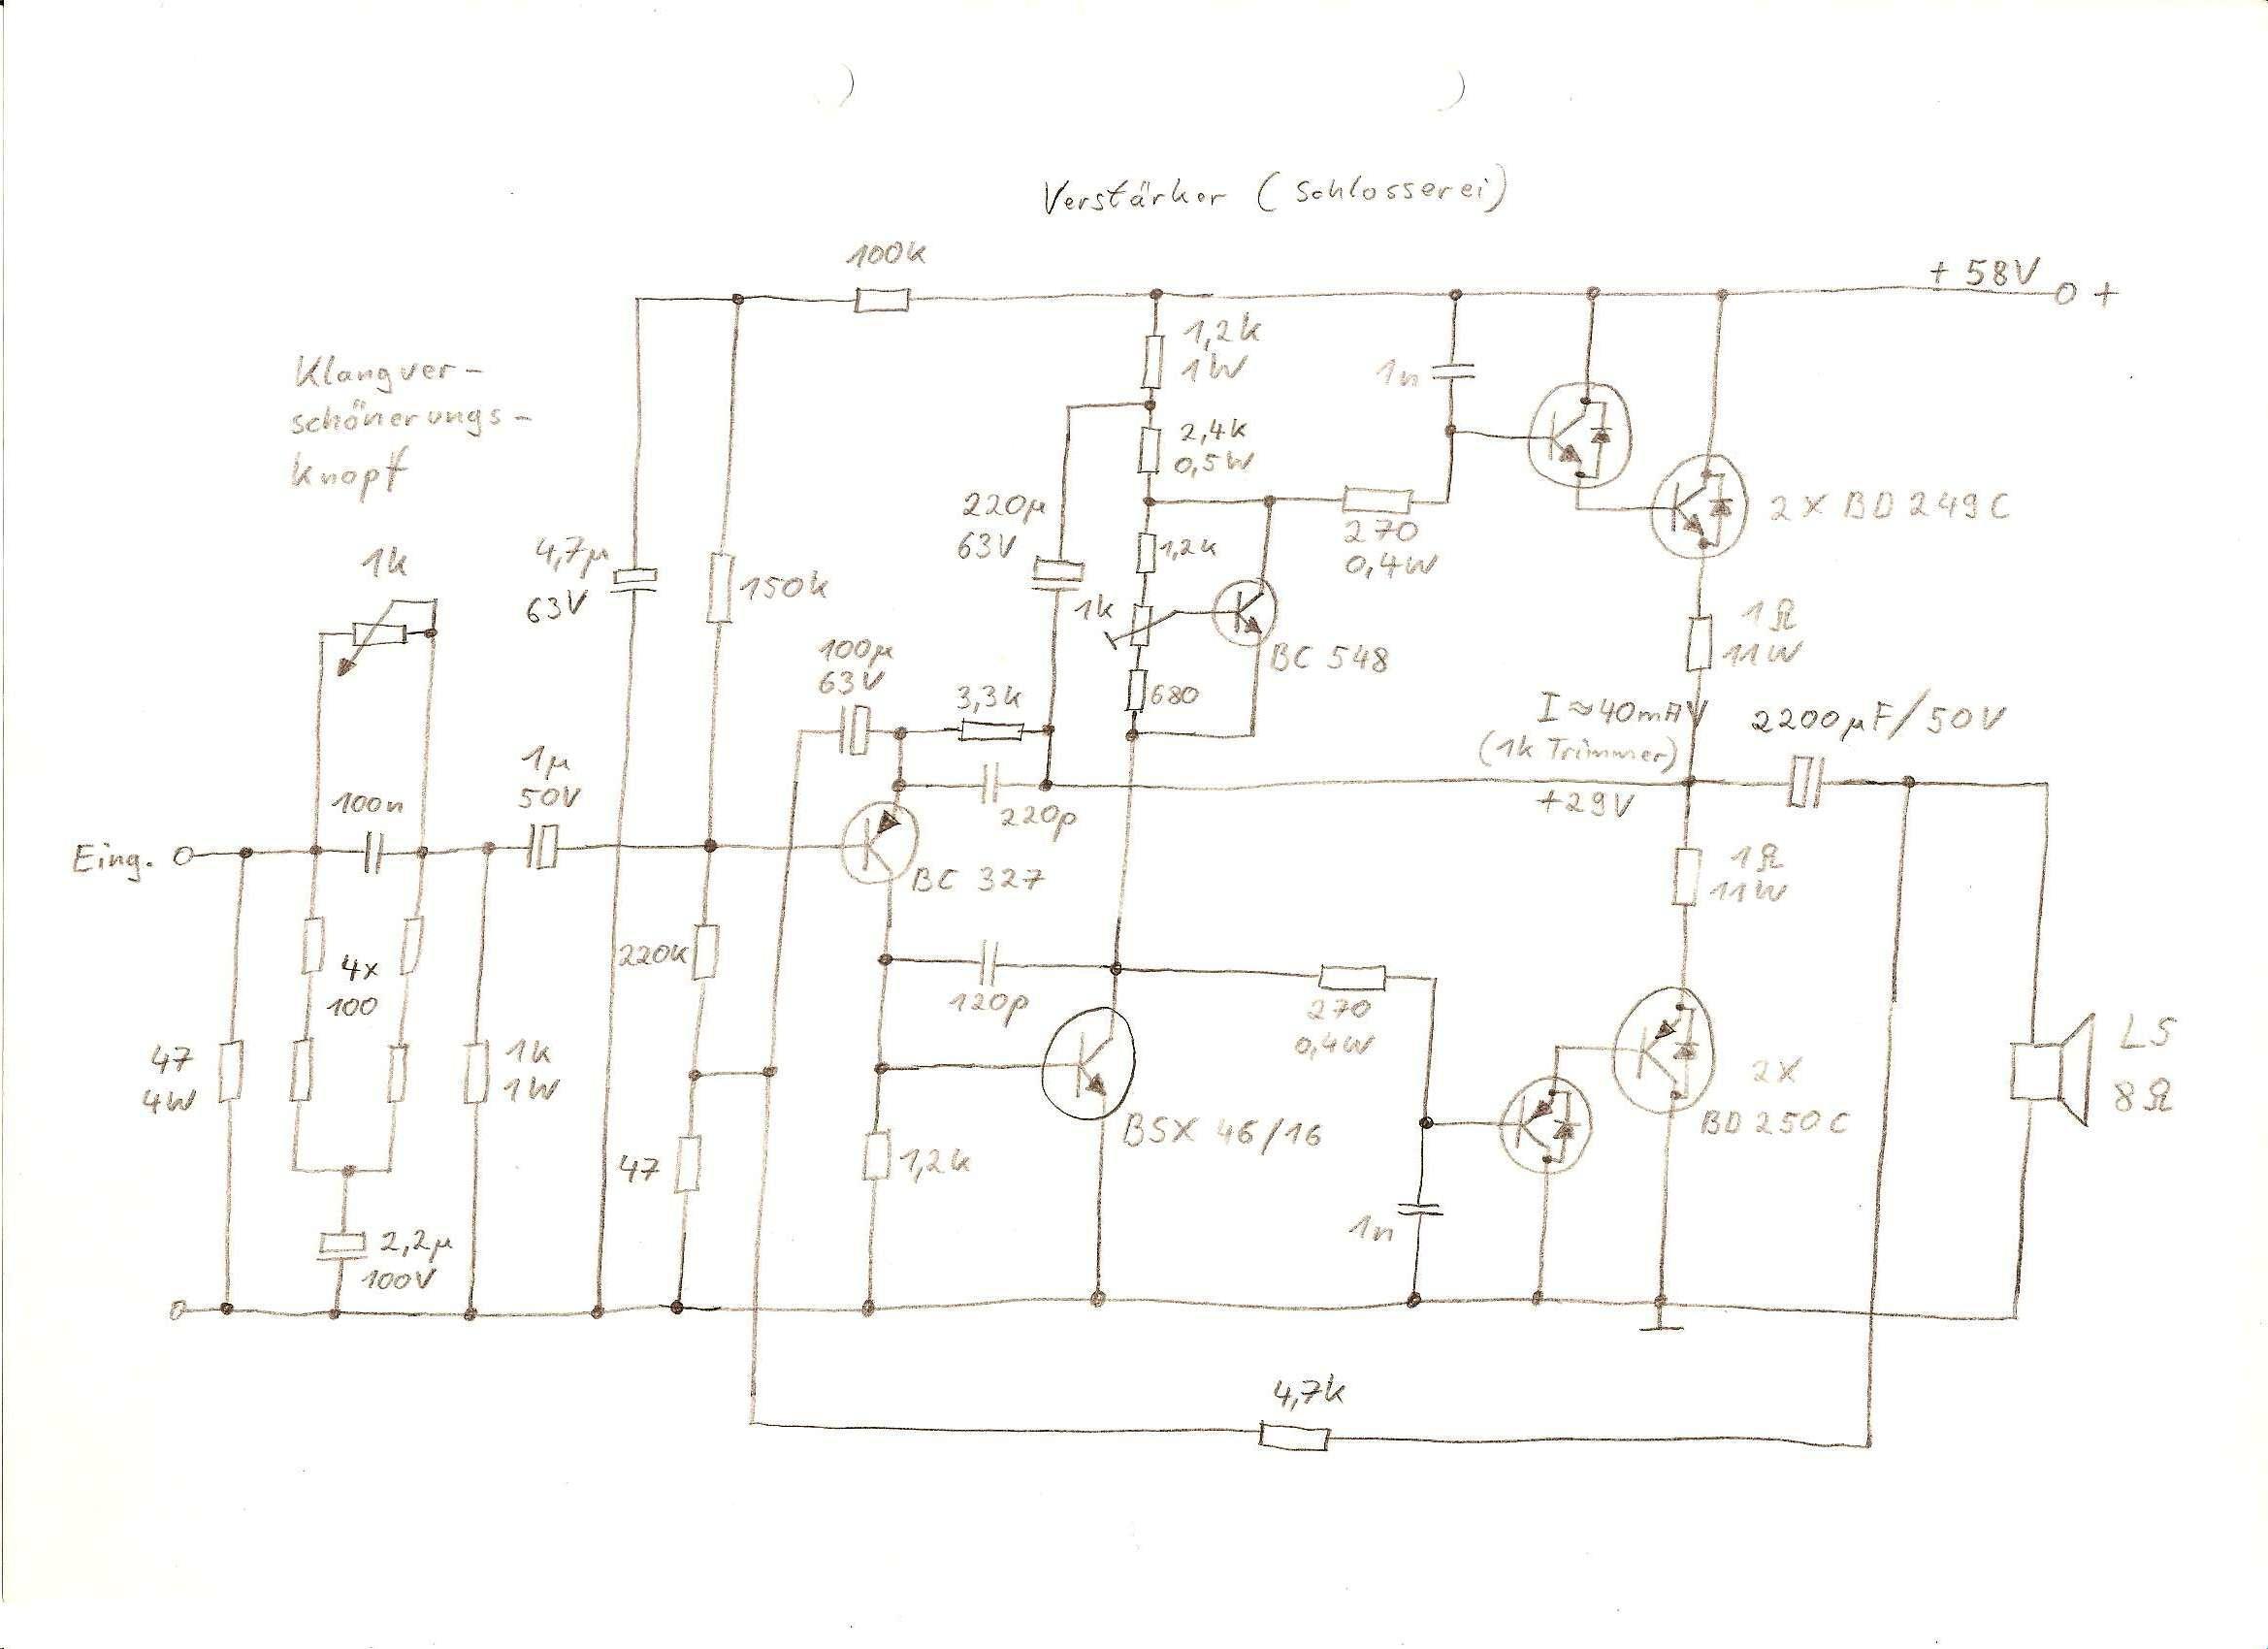 Verstärker selbst bauen, wo fängt man an? - Mikrocontroller.net